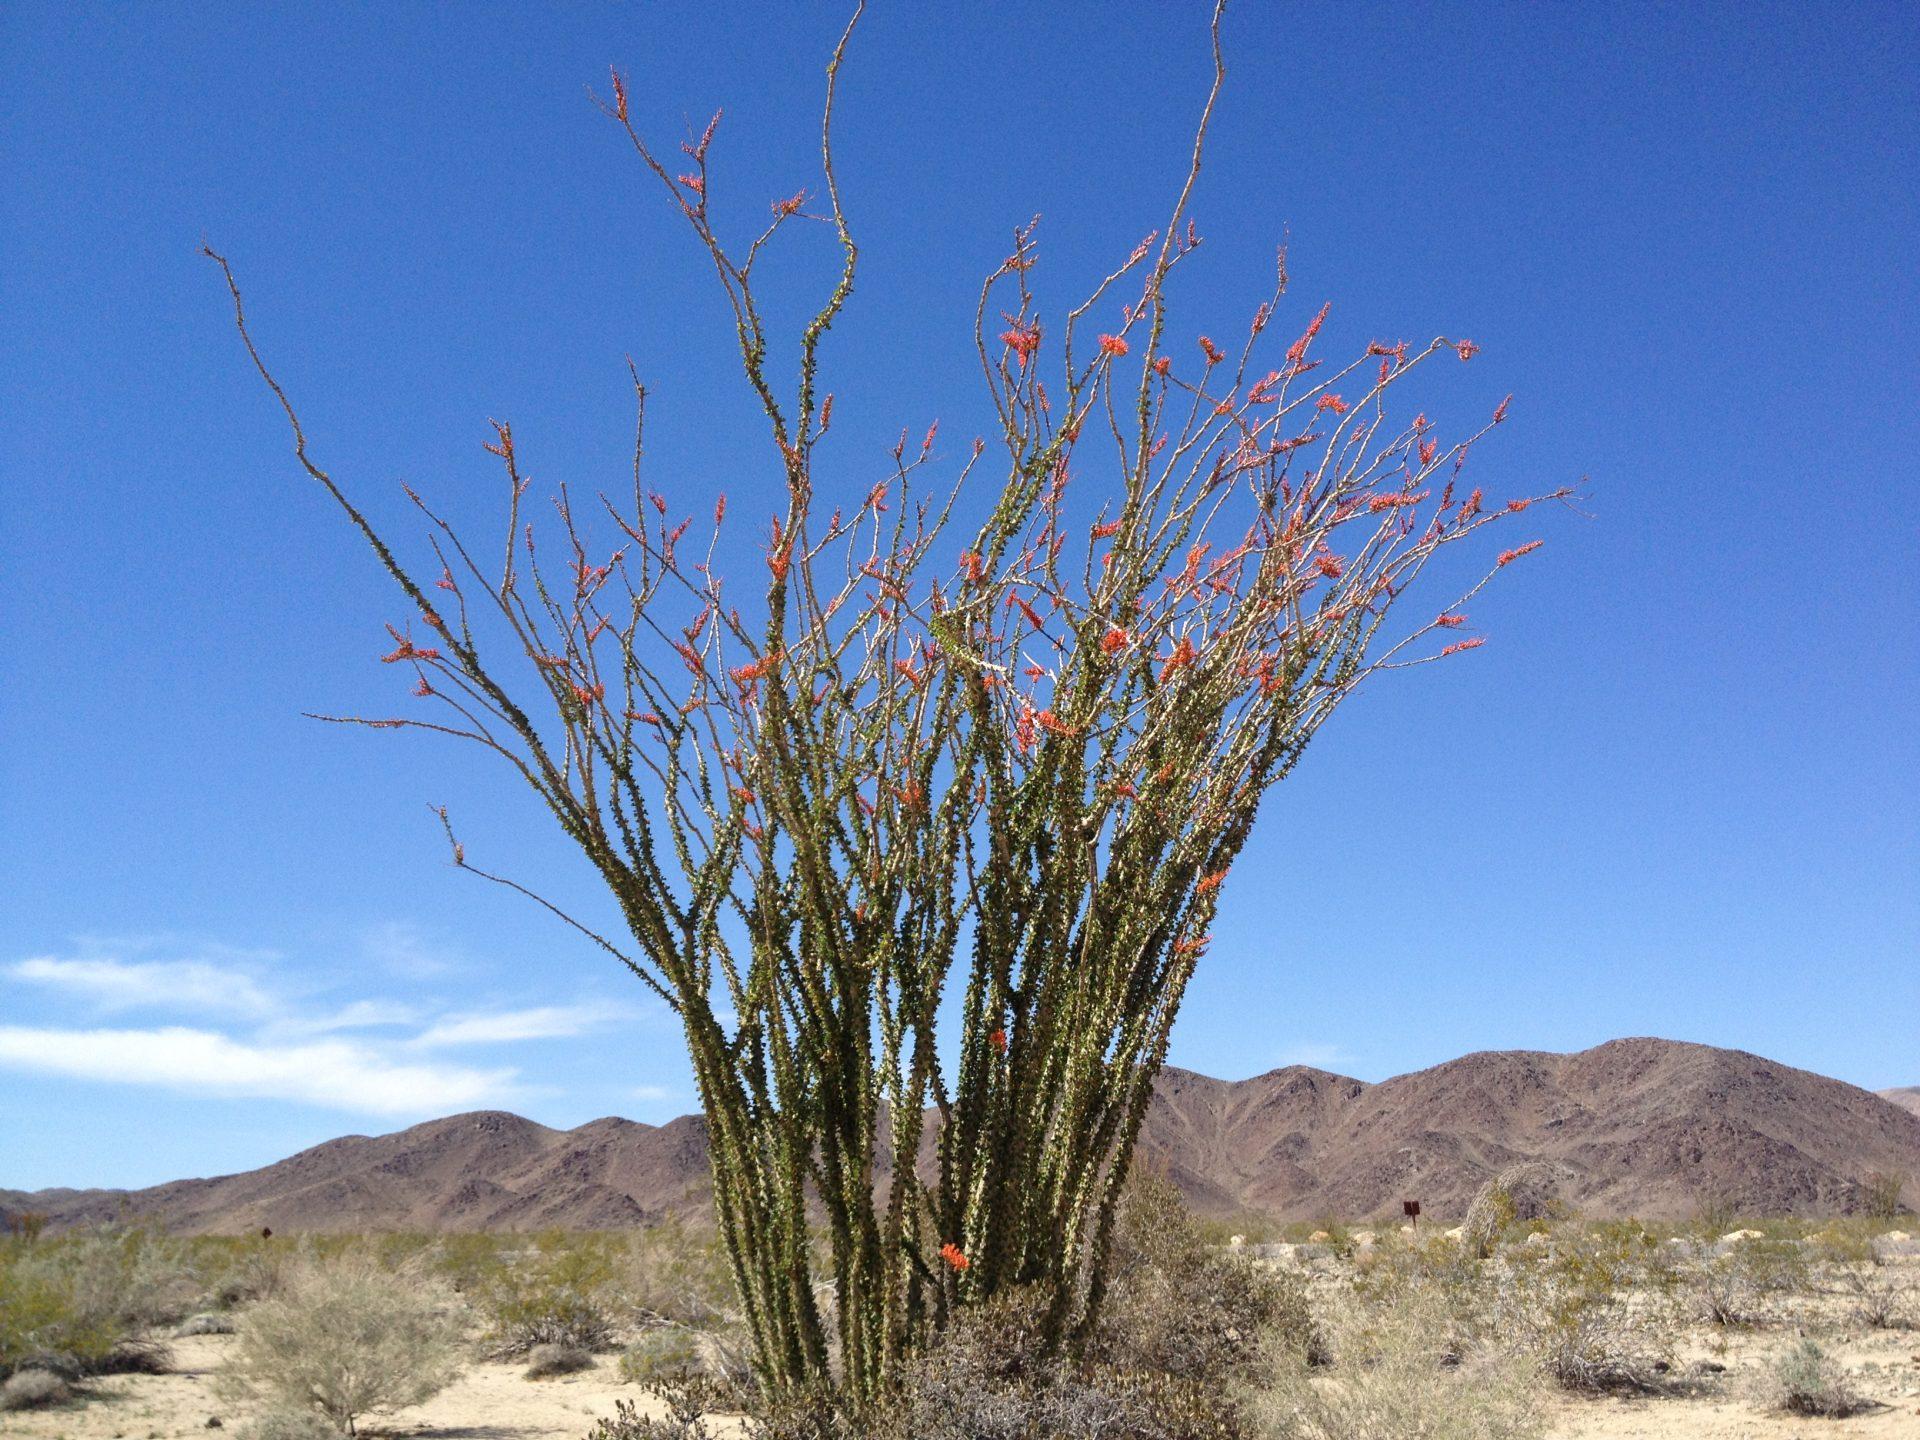 Ocatillo desert flowers